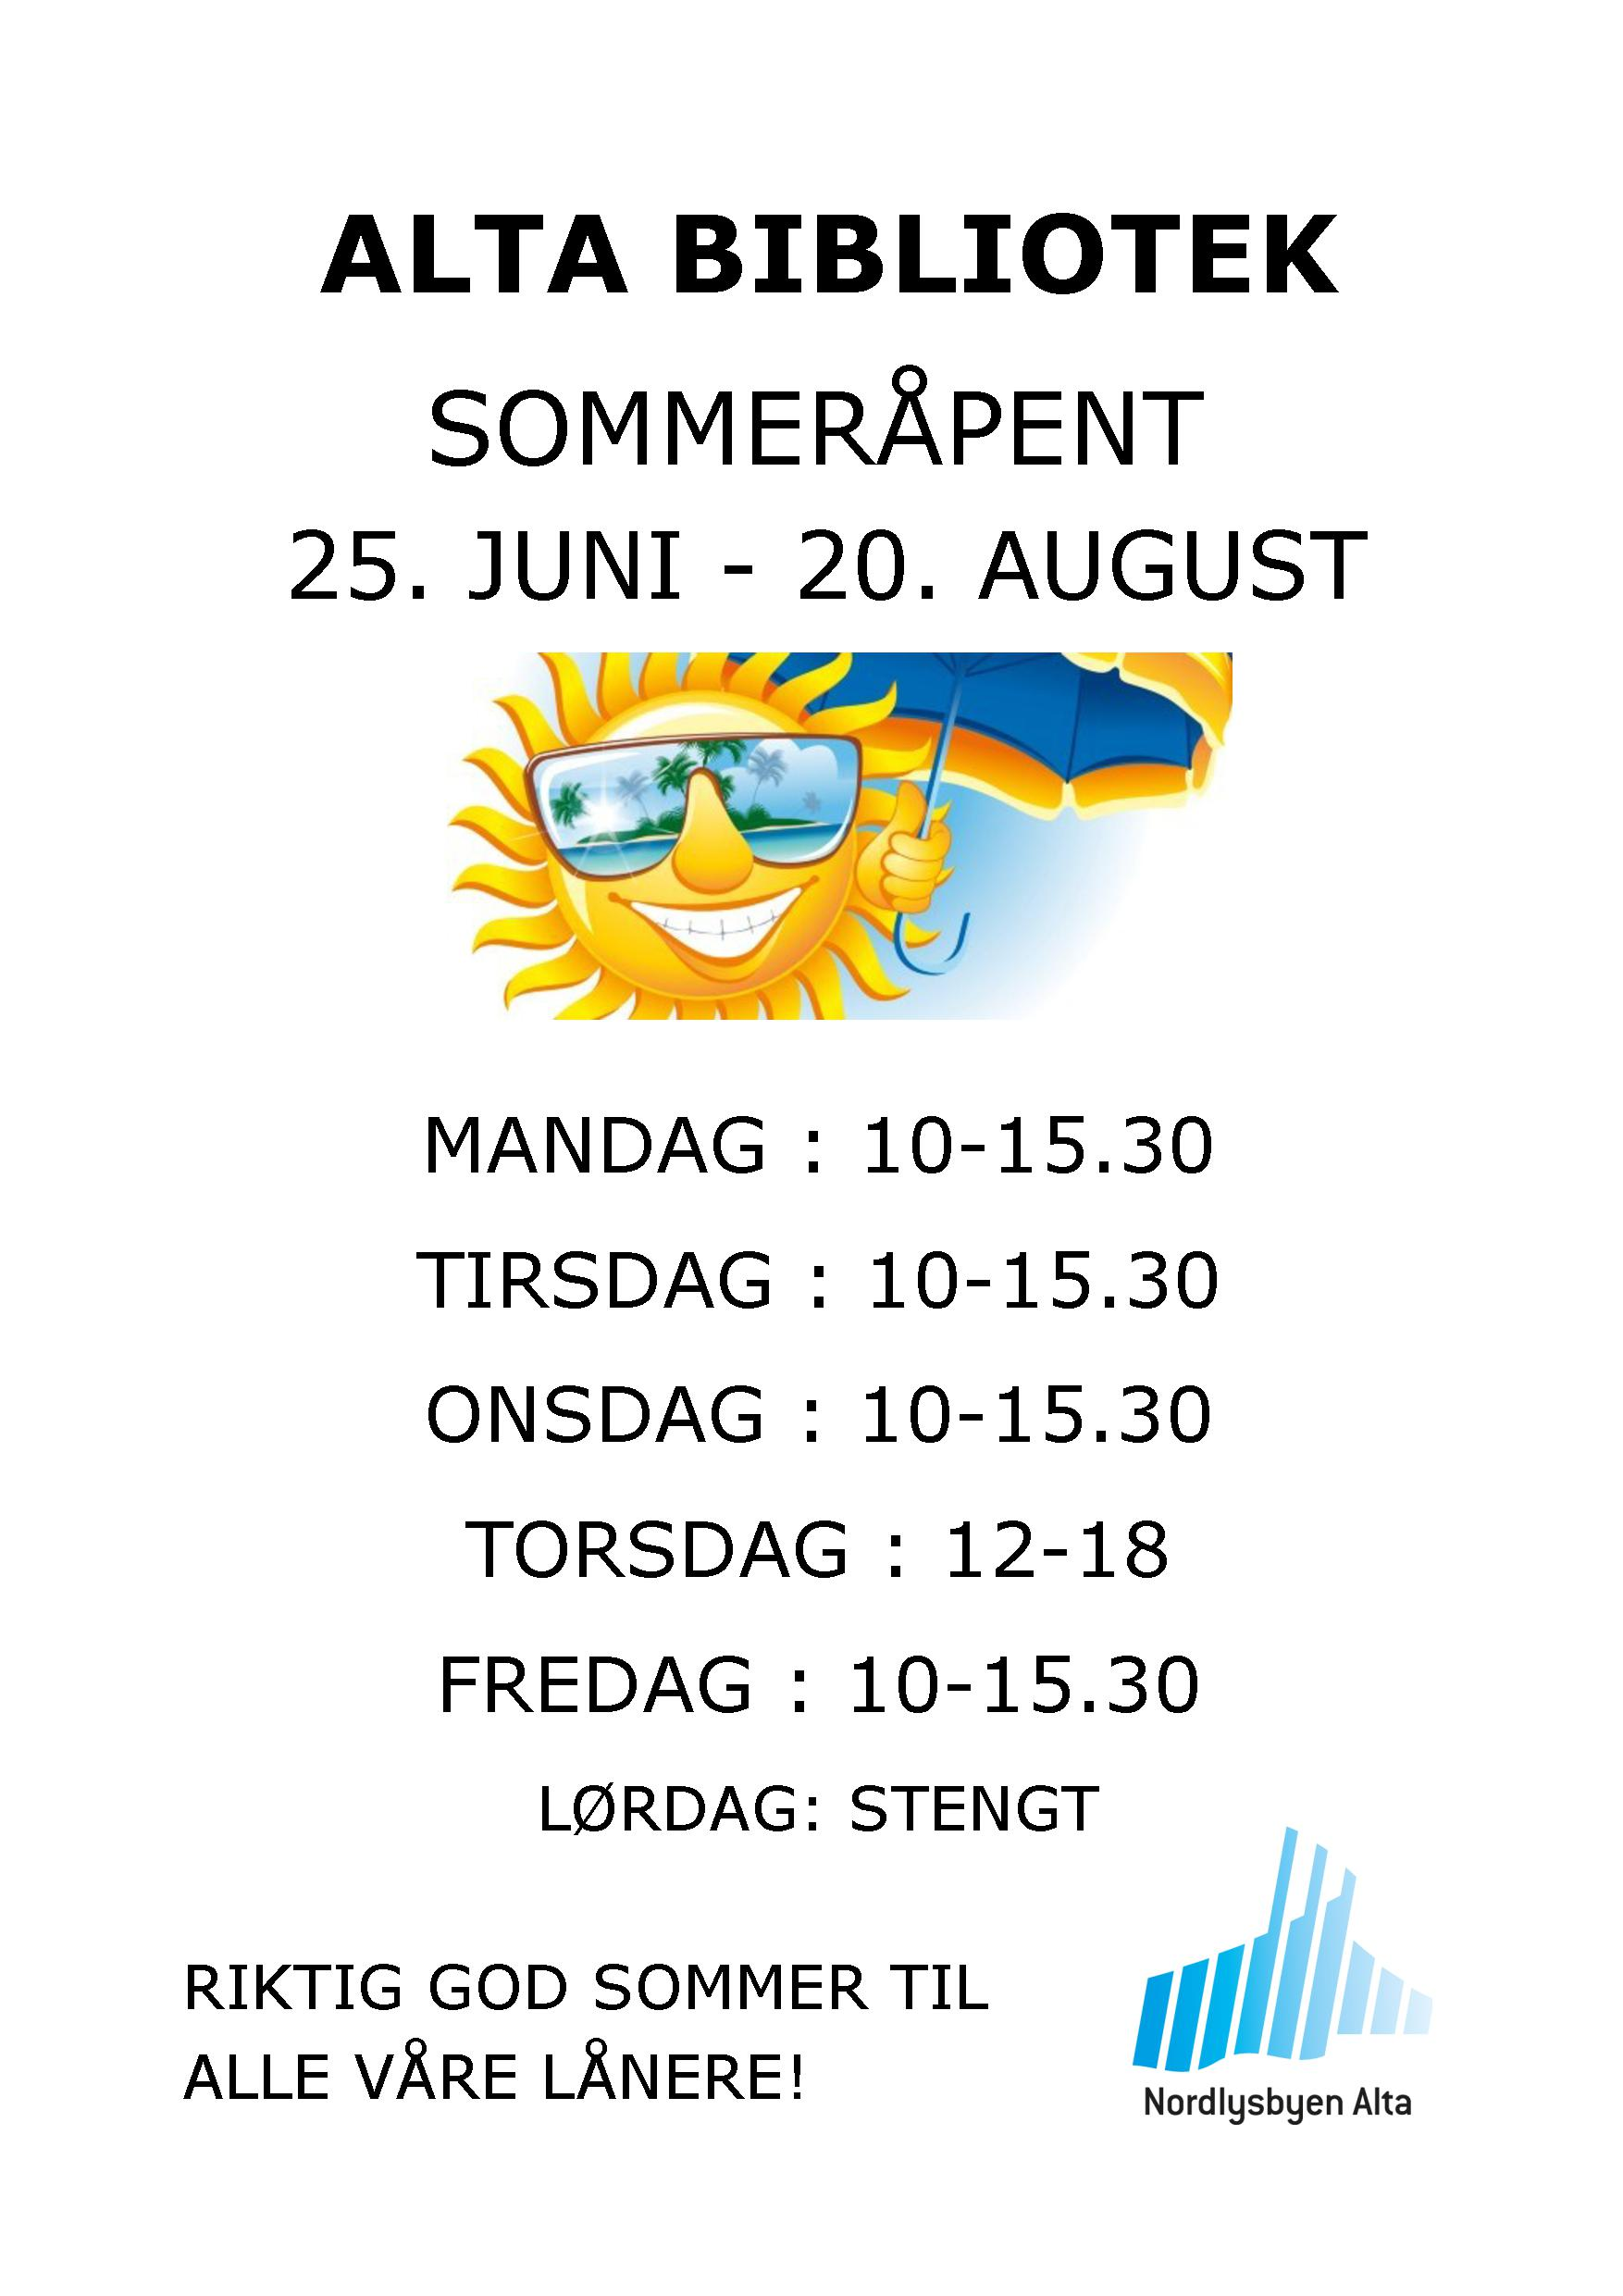 Sommeråpningstider2018.jpg